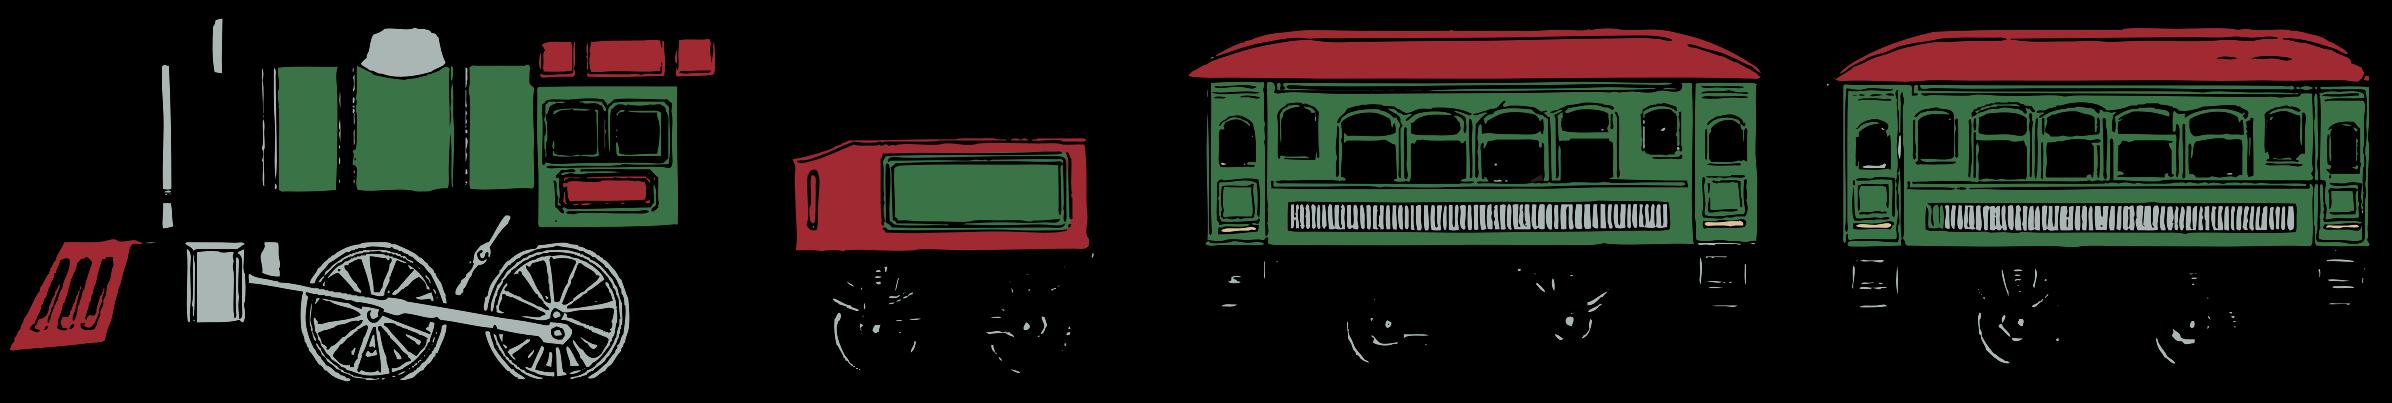 Color set big image. Clipart train toy train